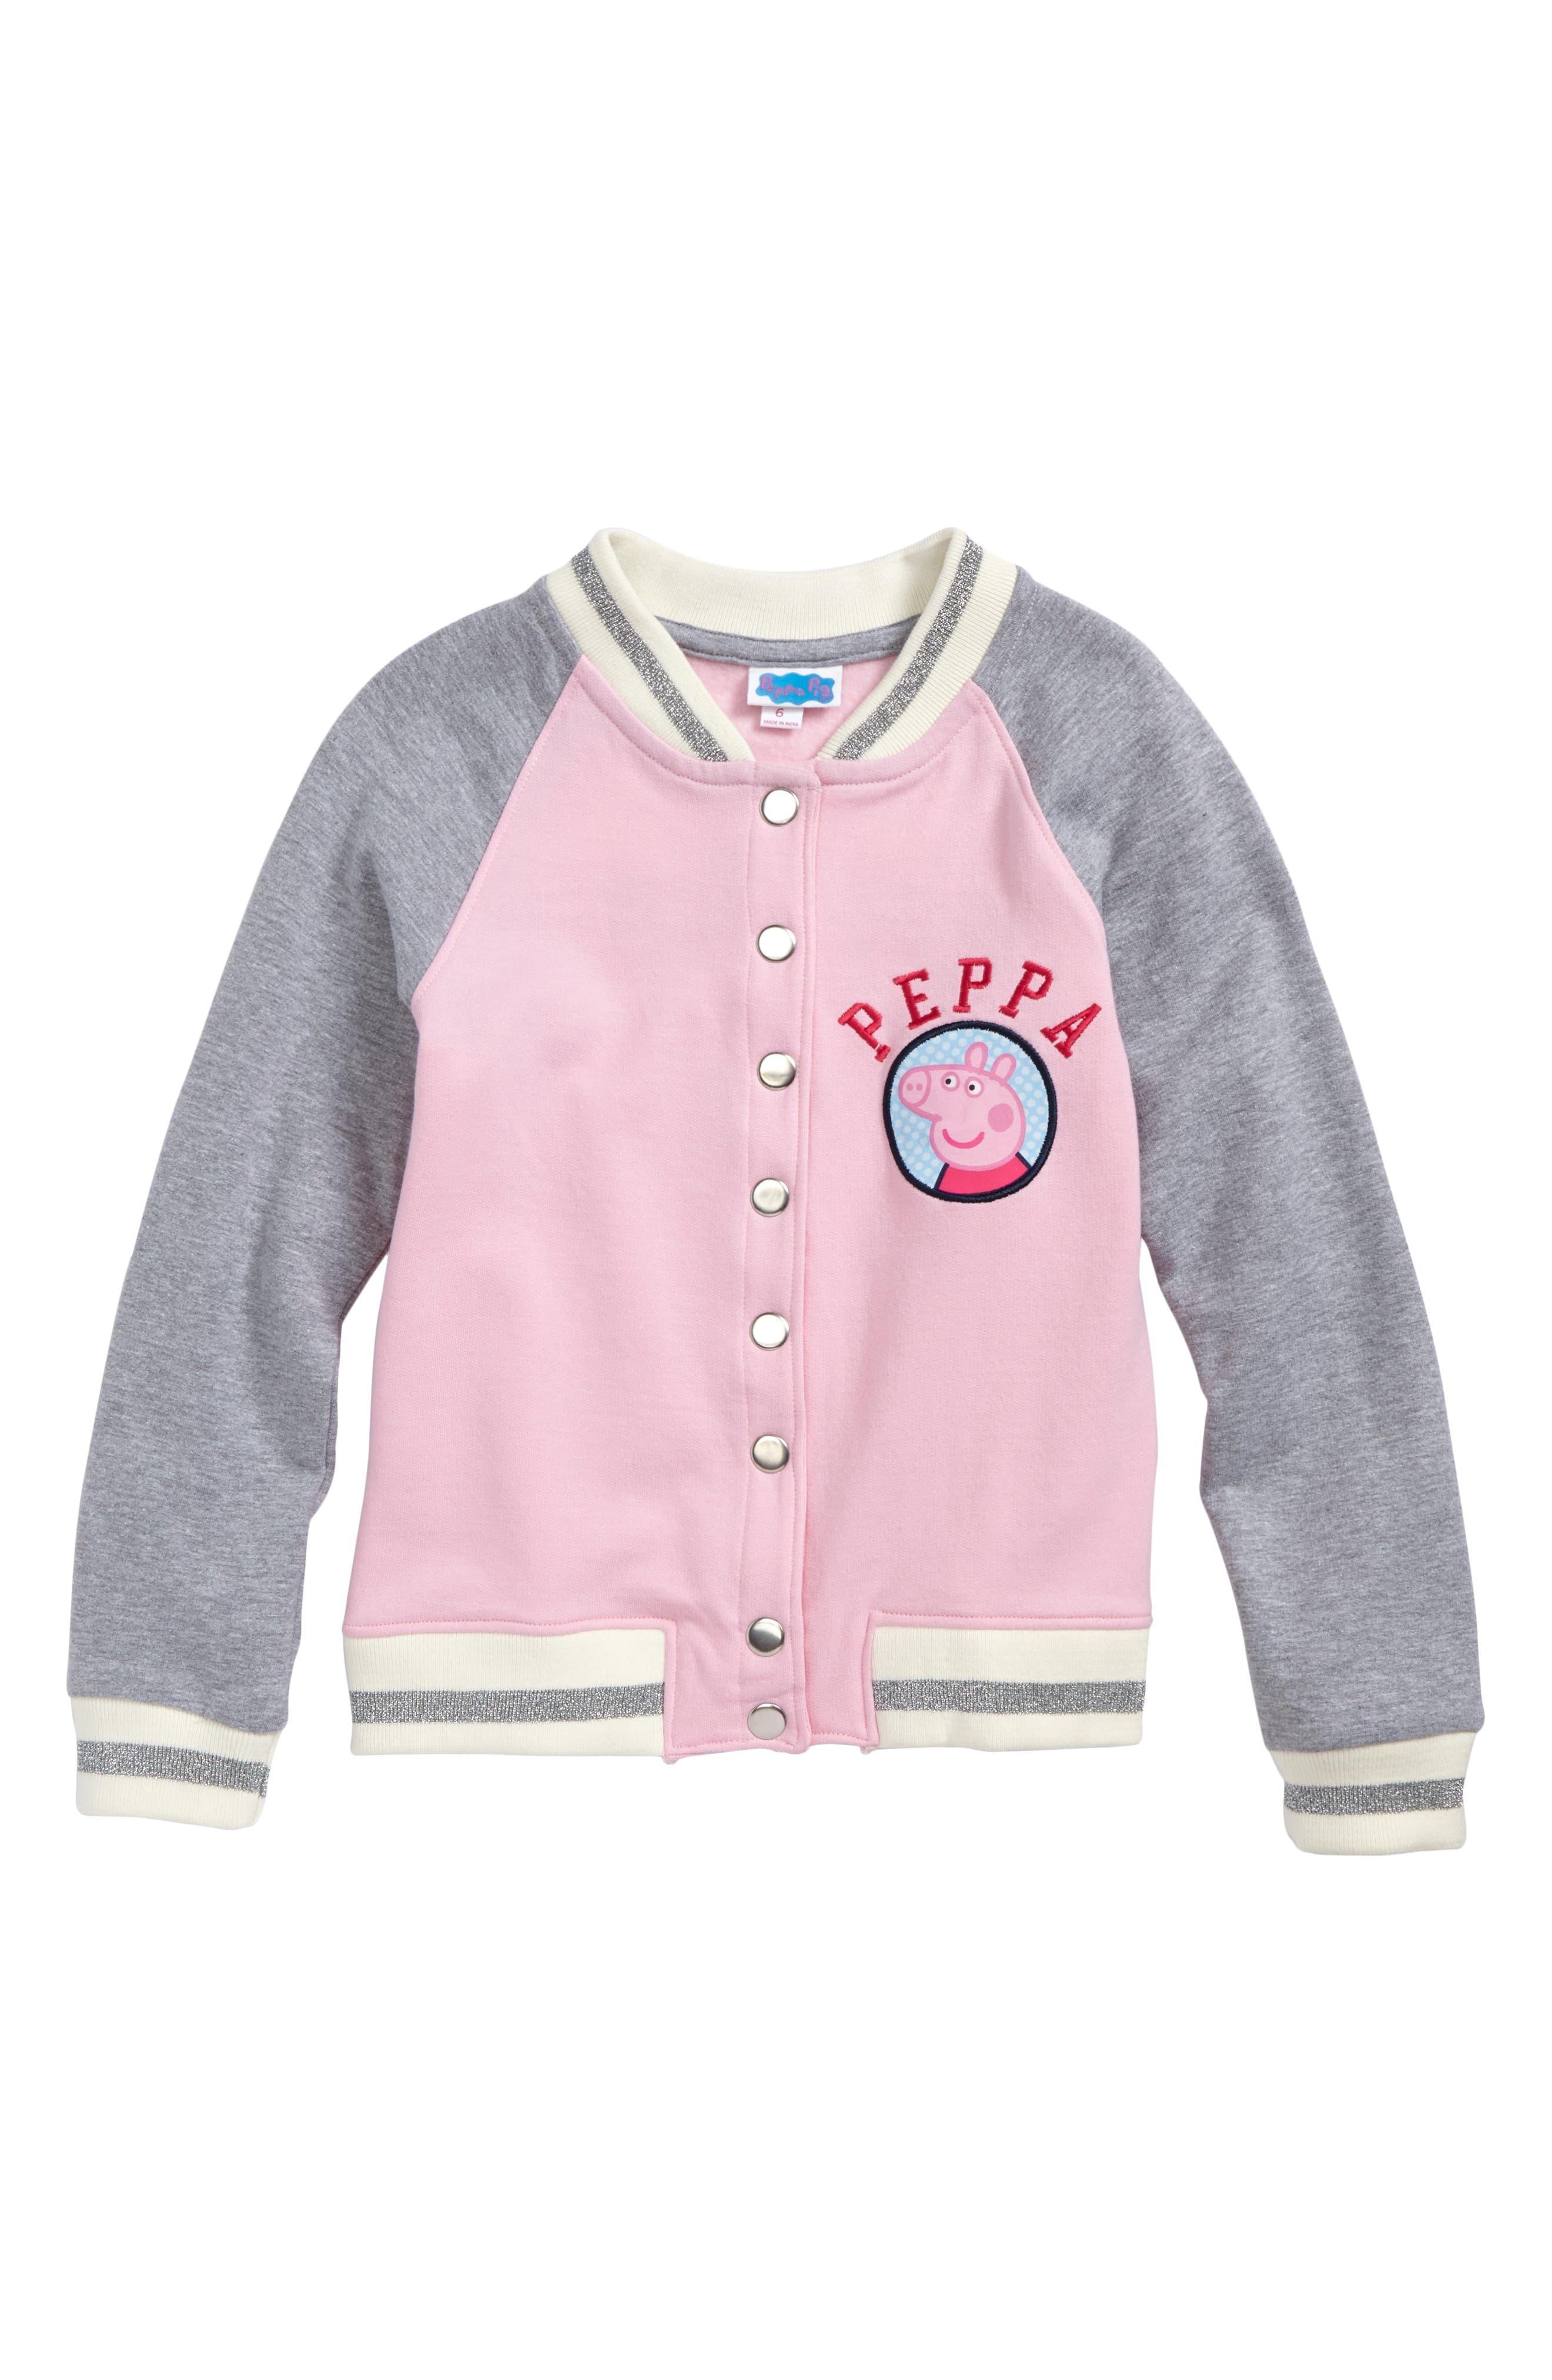 Peppa Pig Varsity Jacket,                         Main,                         color, 650